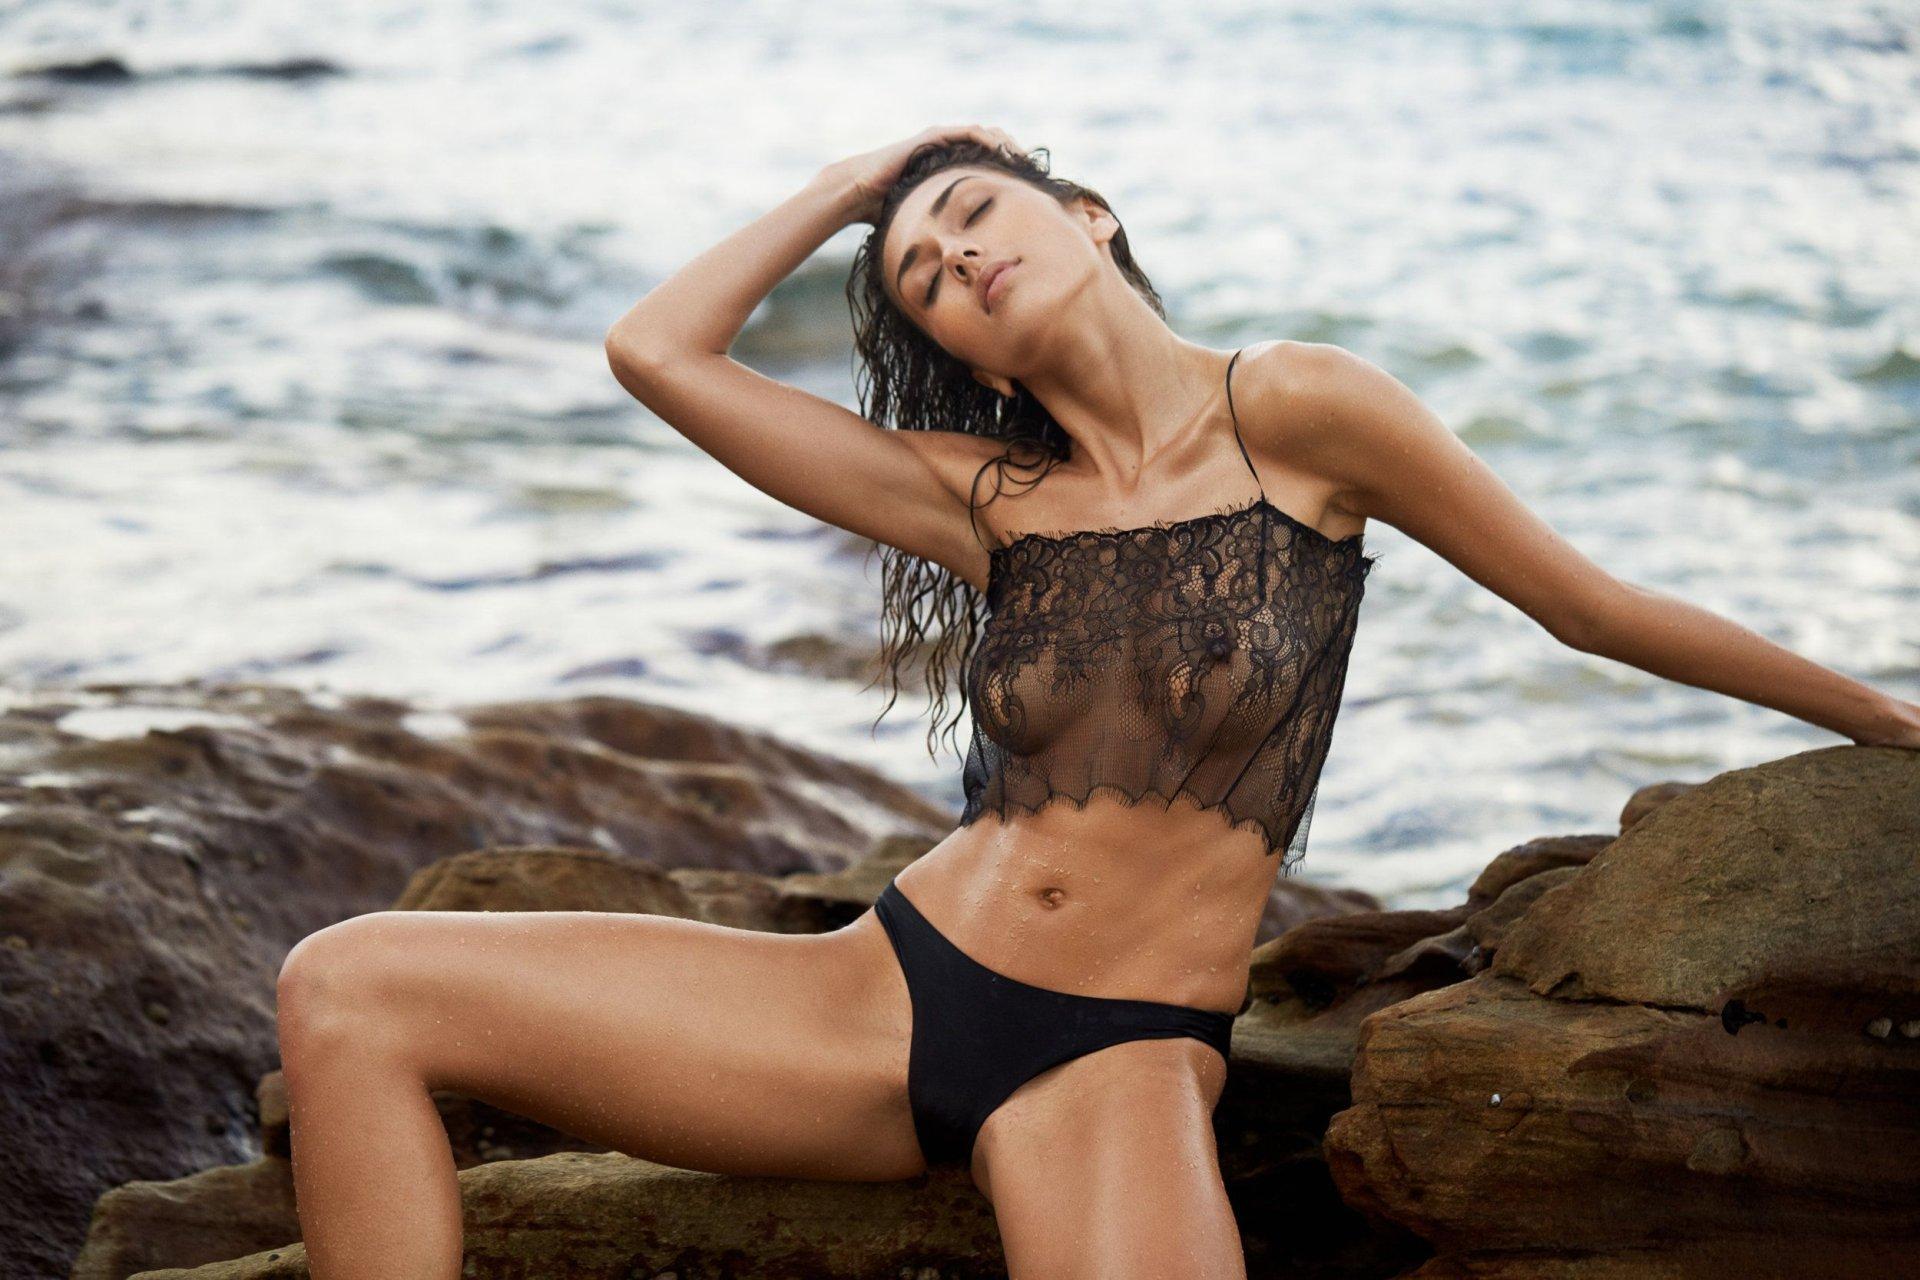 naked sexy women in beachwear